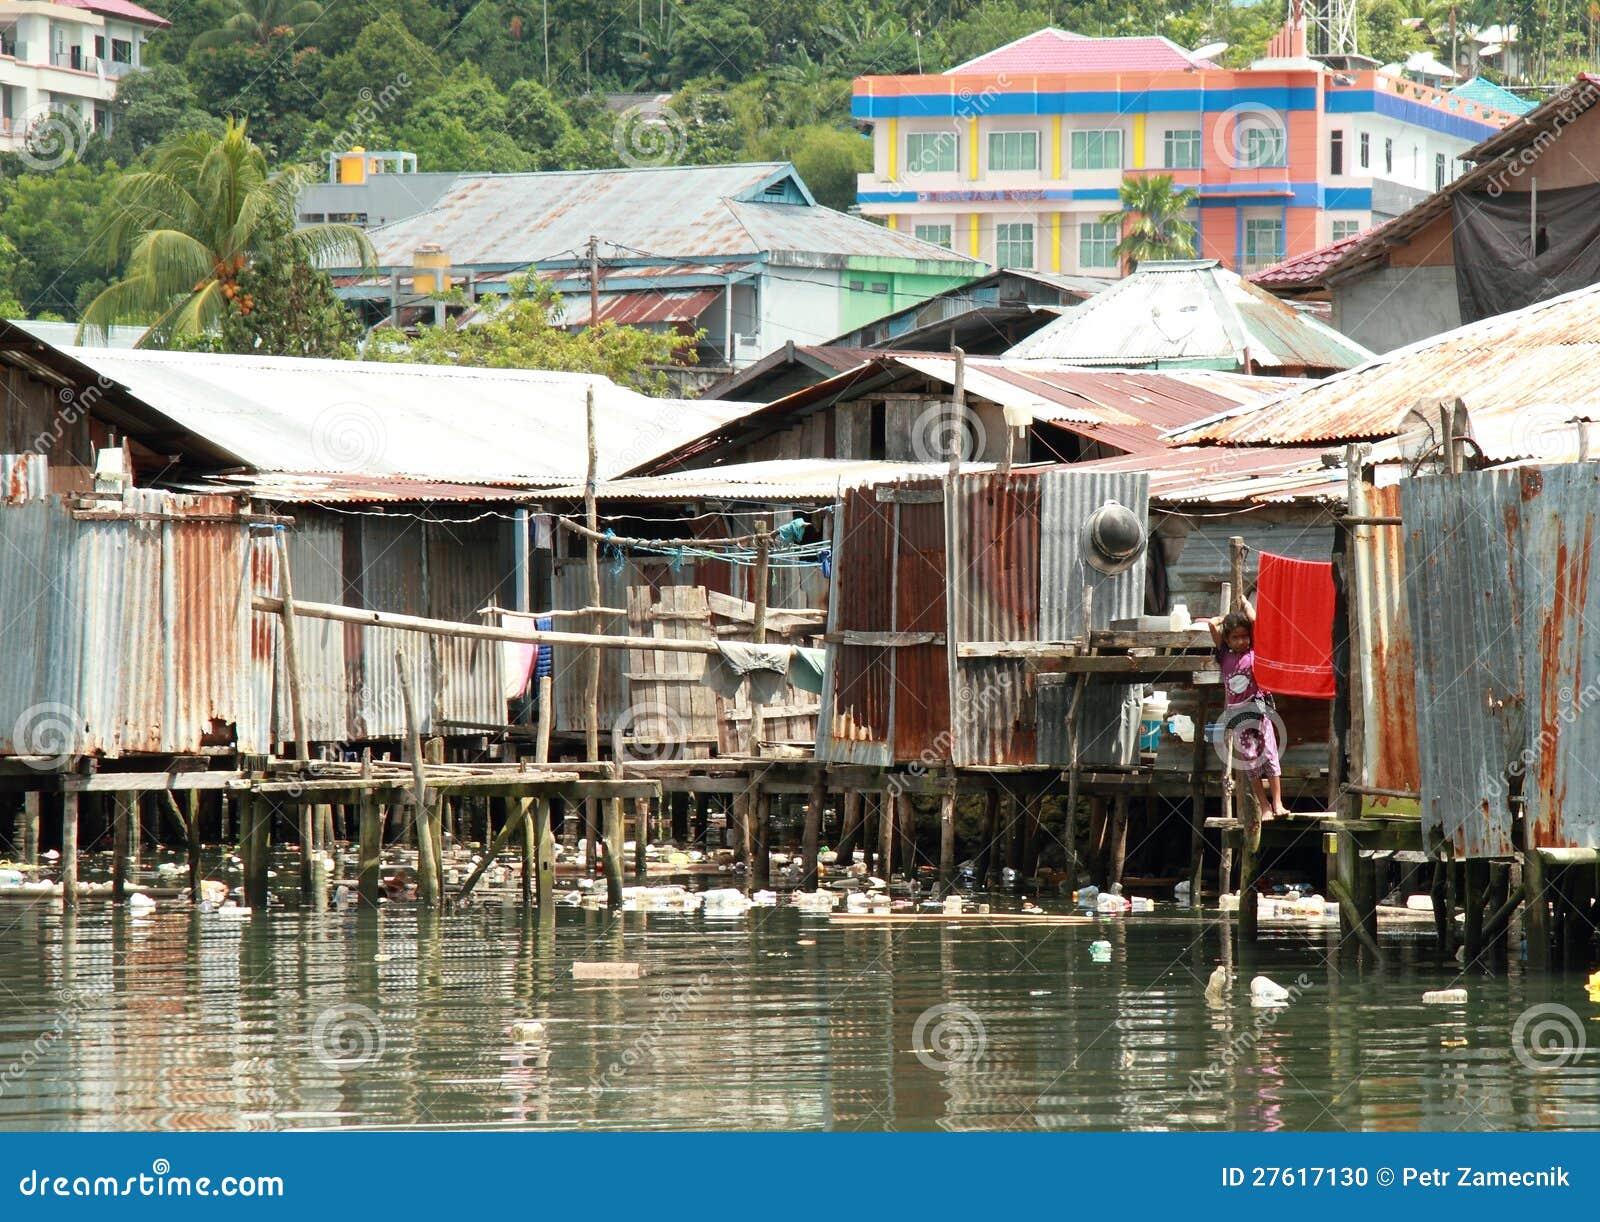 Casas pobres por el mar imagen editorial imagen de casas - Casas en el mar ...